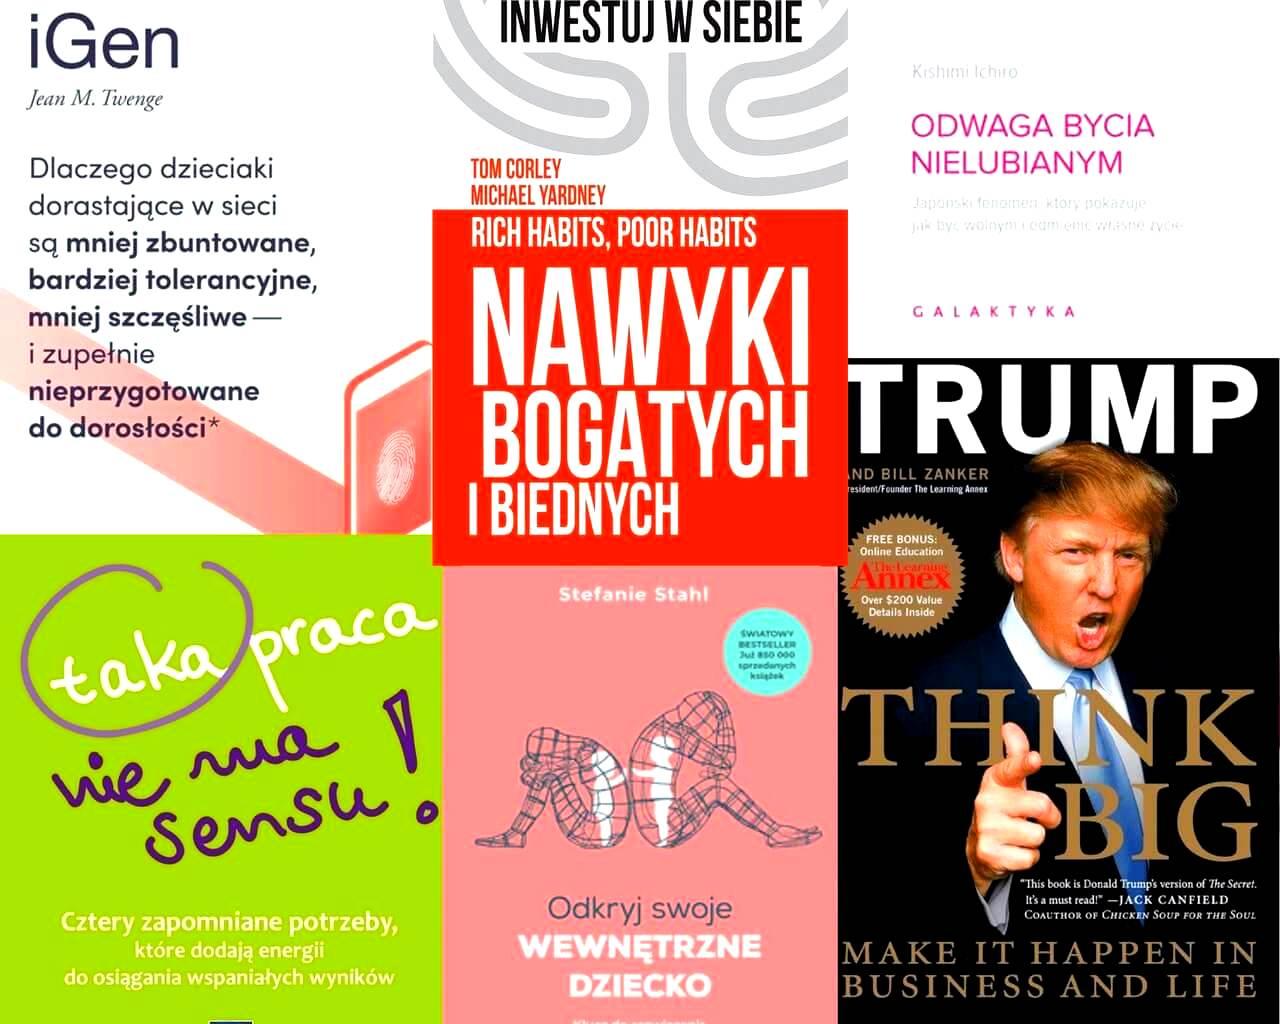 Okładki różnych książek